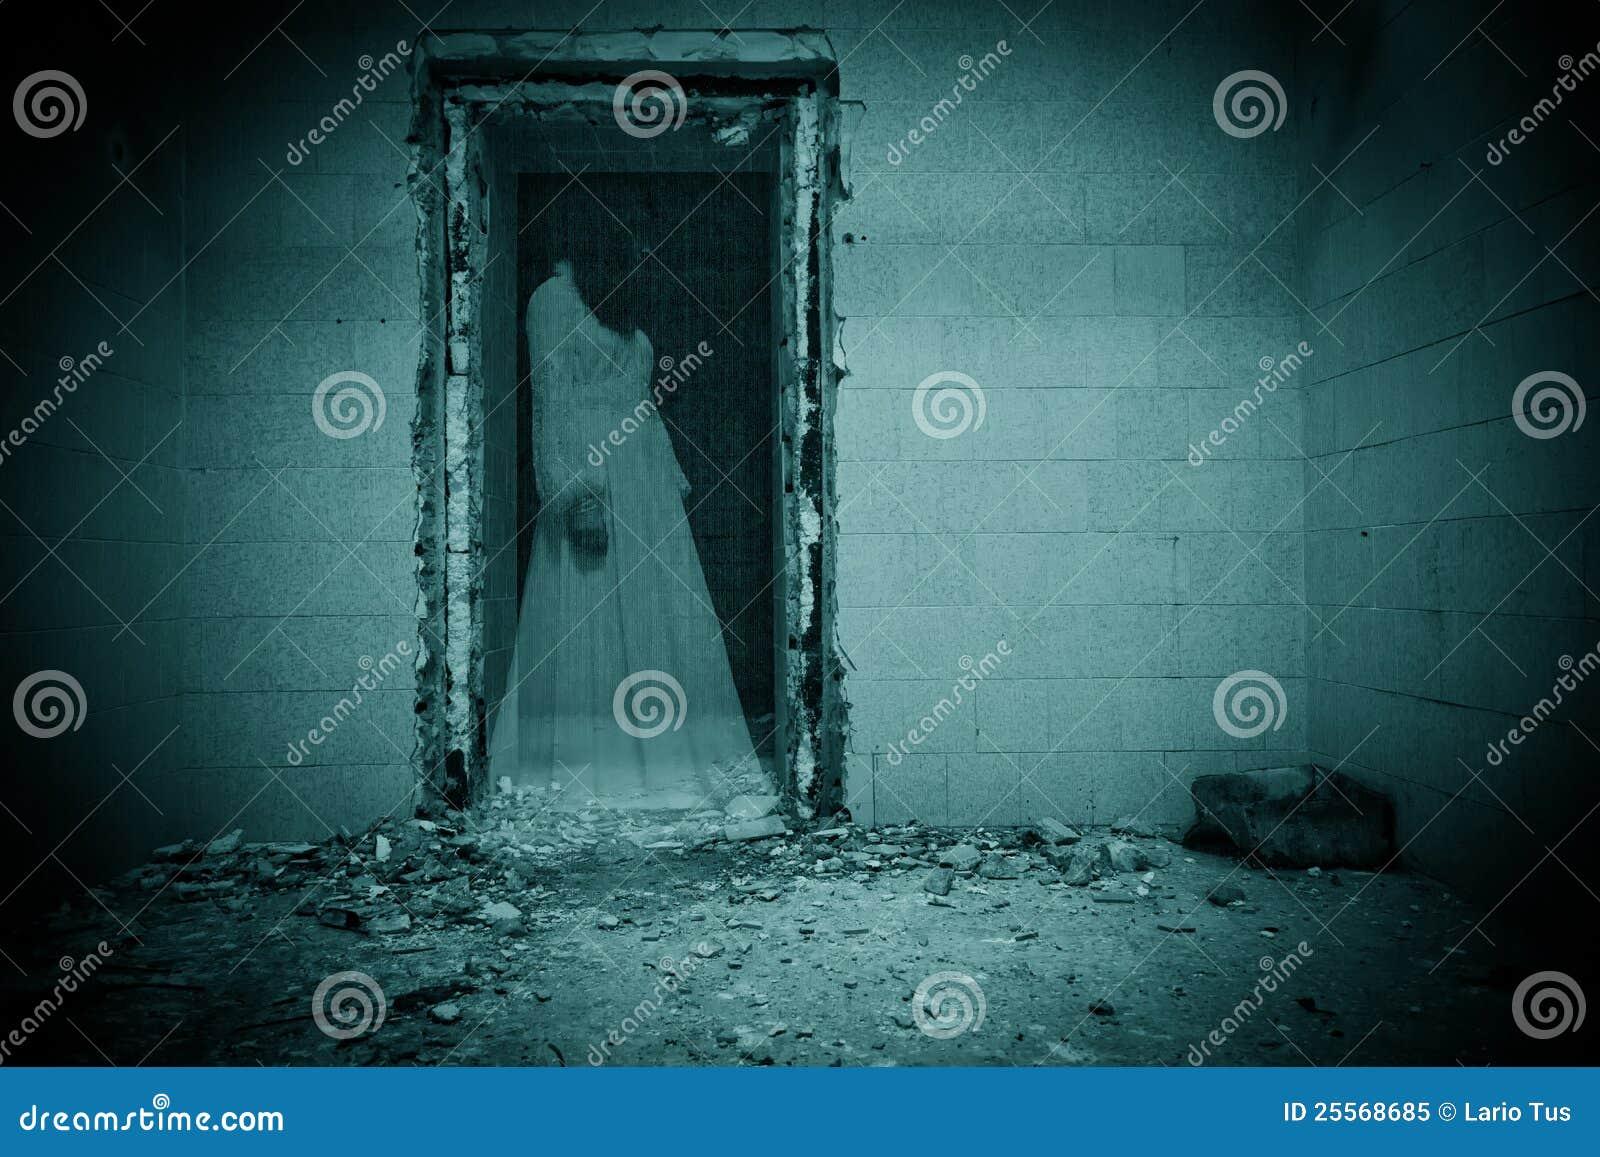 Fantasma da noiva em um quarto escuro